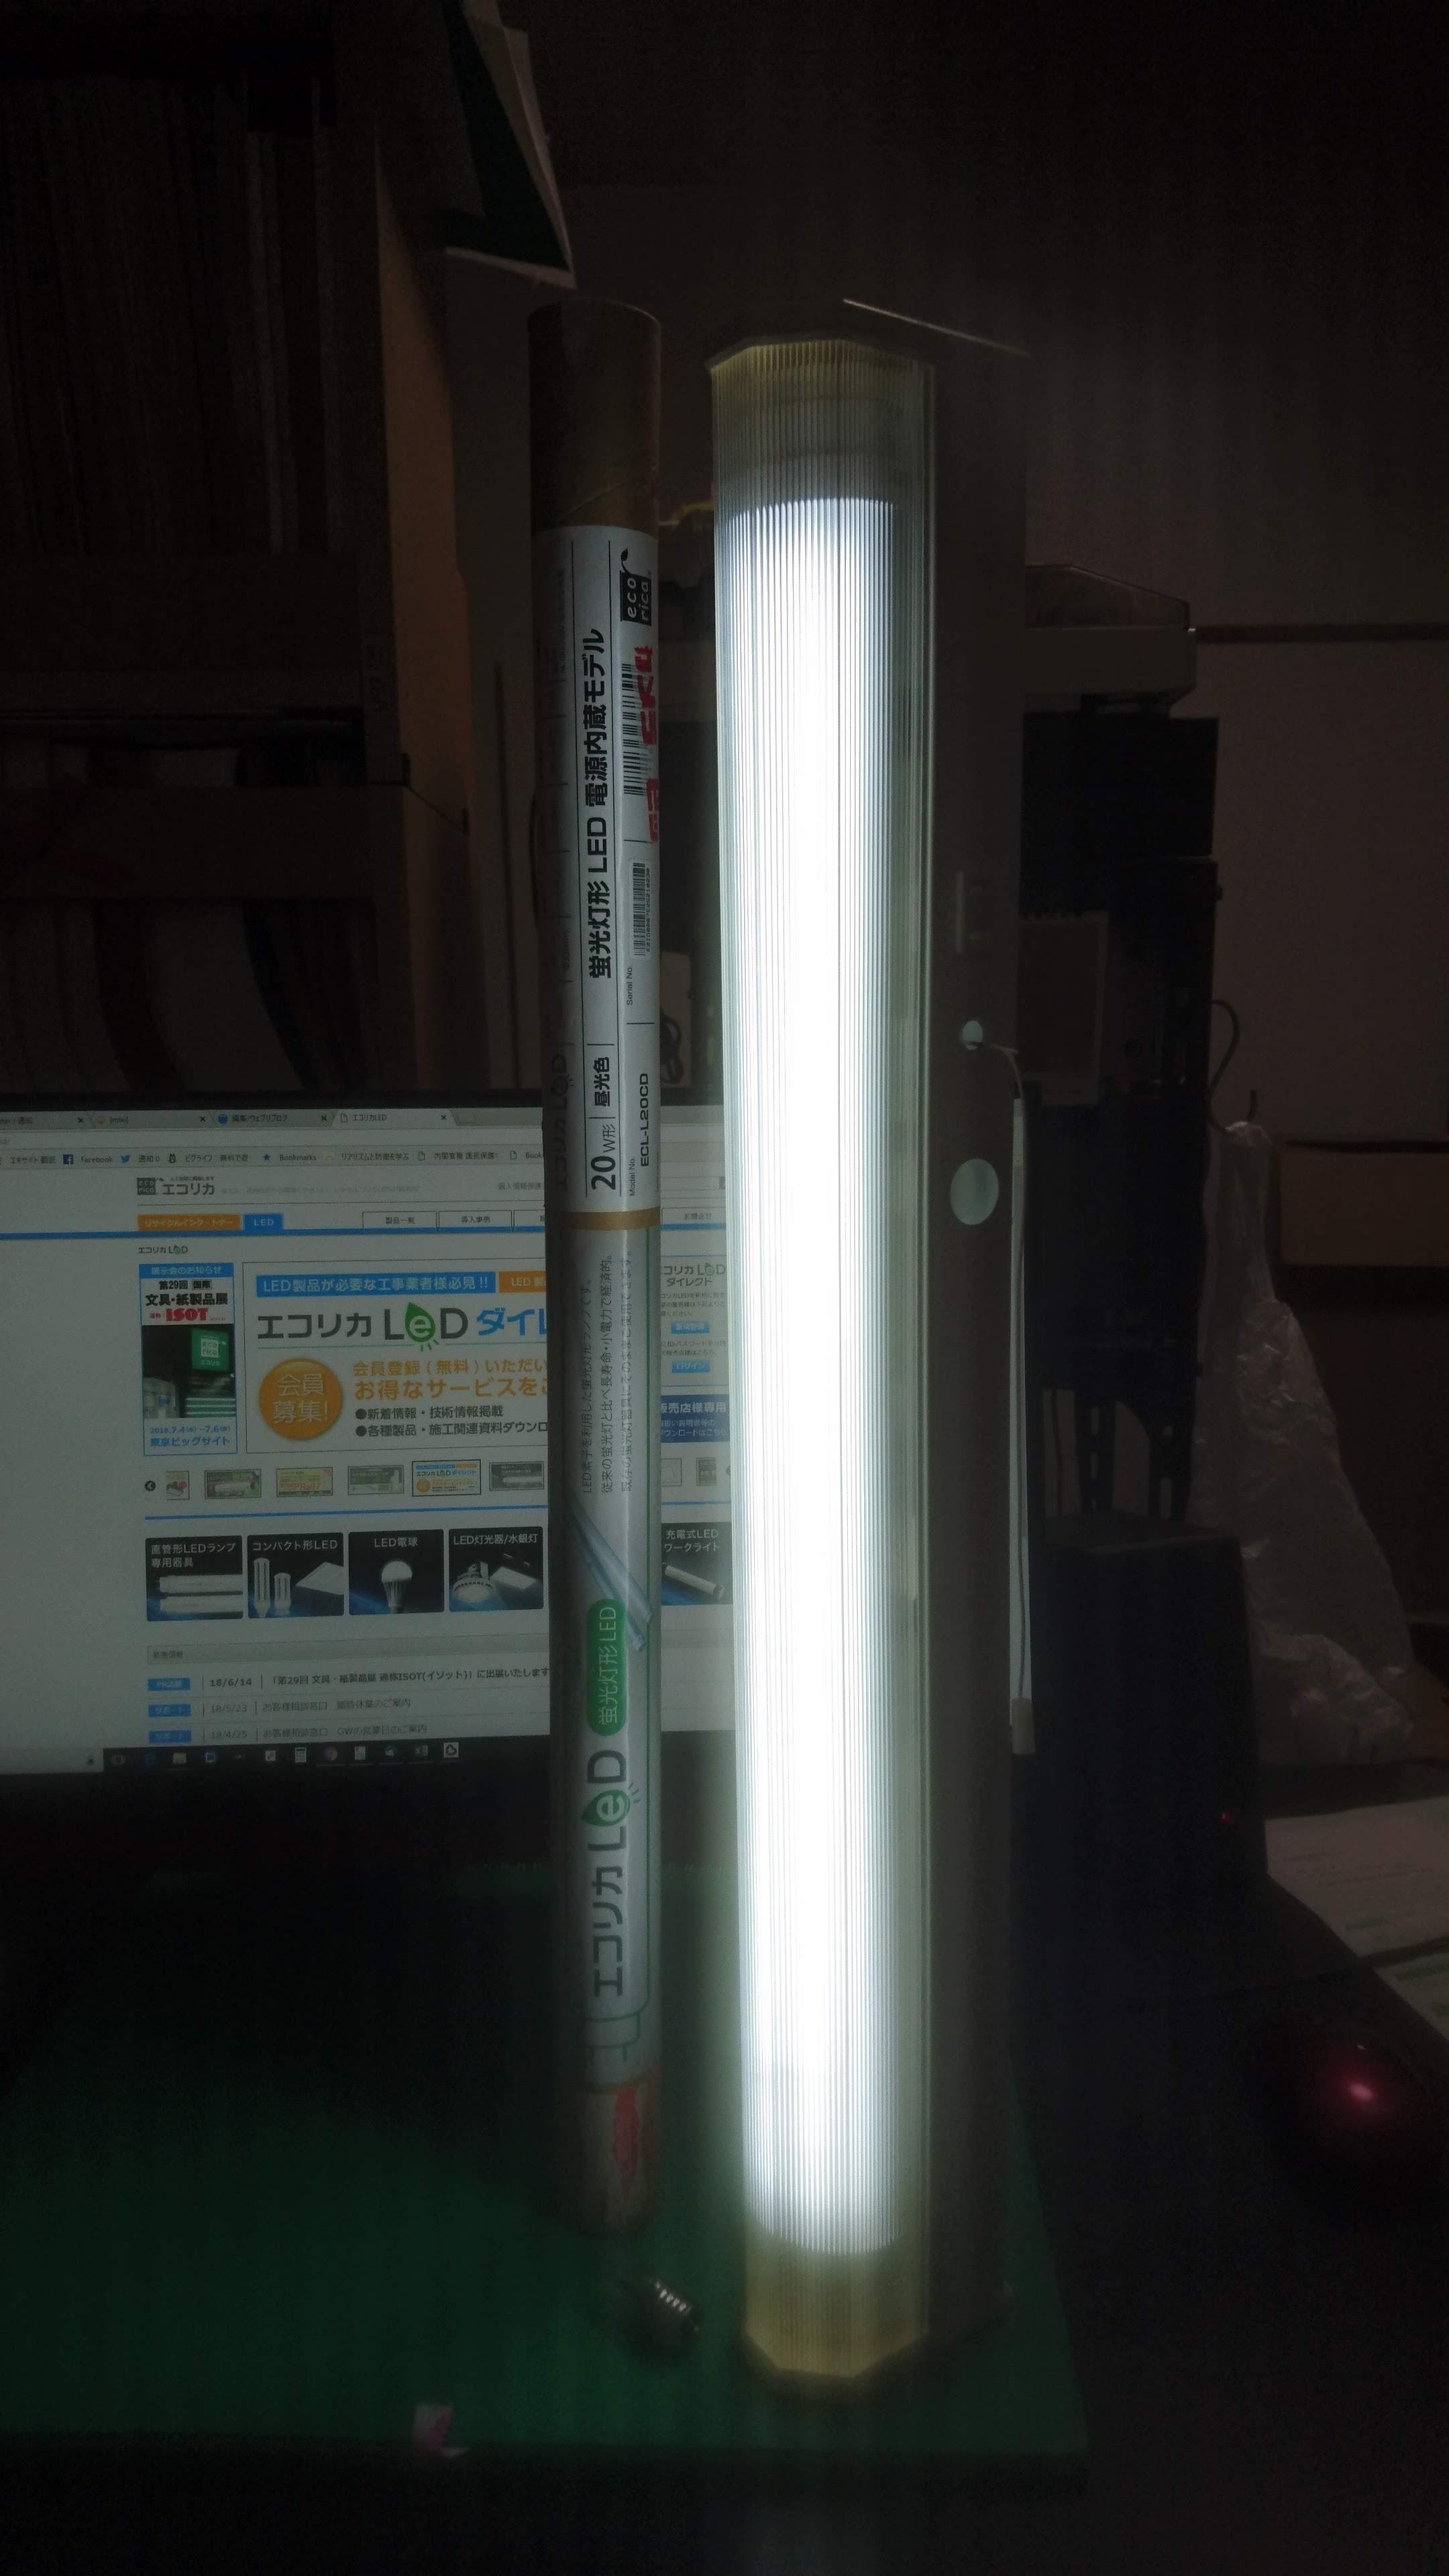 [本日のヤフオク成果] どこでも照明。蛍光灯器具+エコリカLeD(蛍光灯形LED 電源内蔵モデル)。